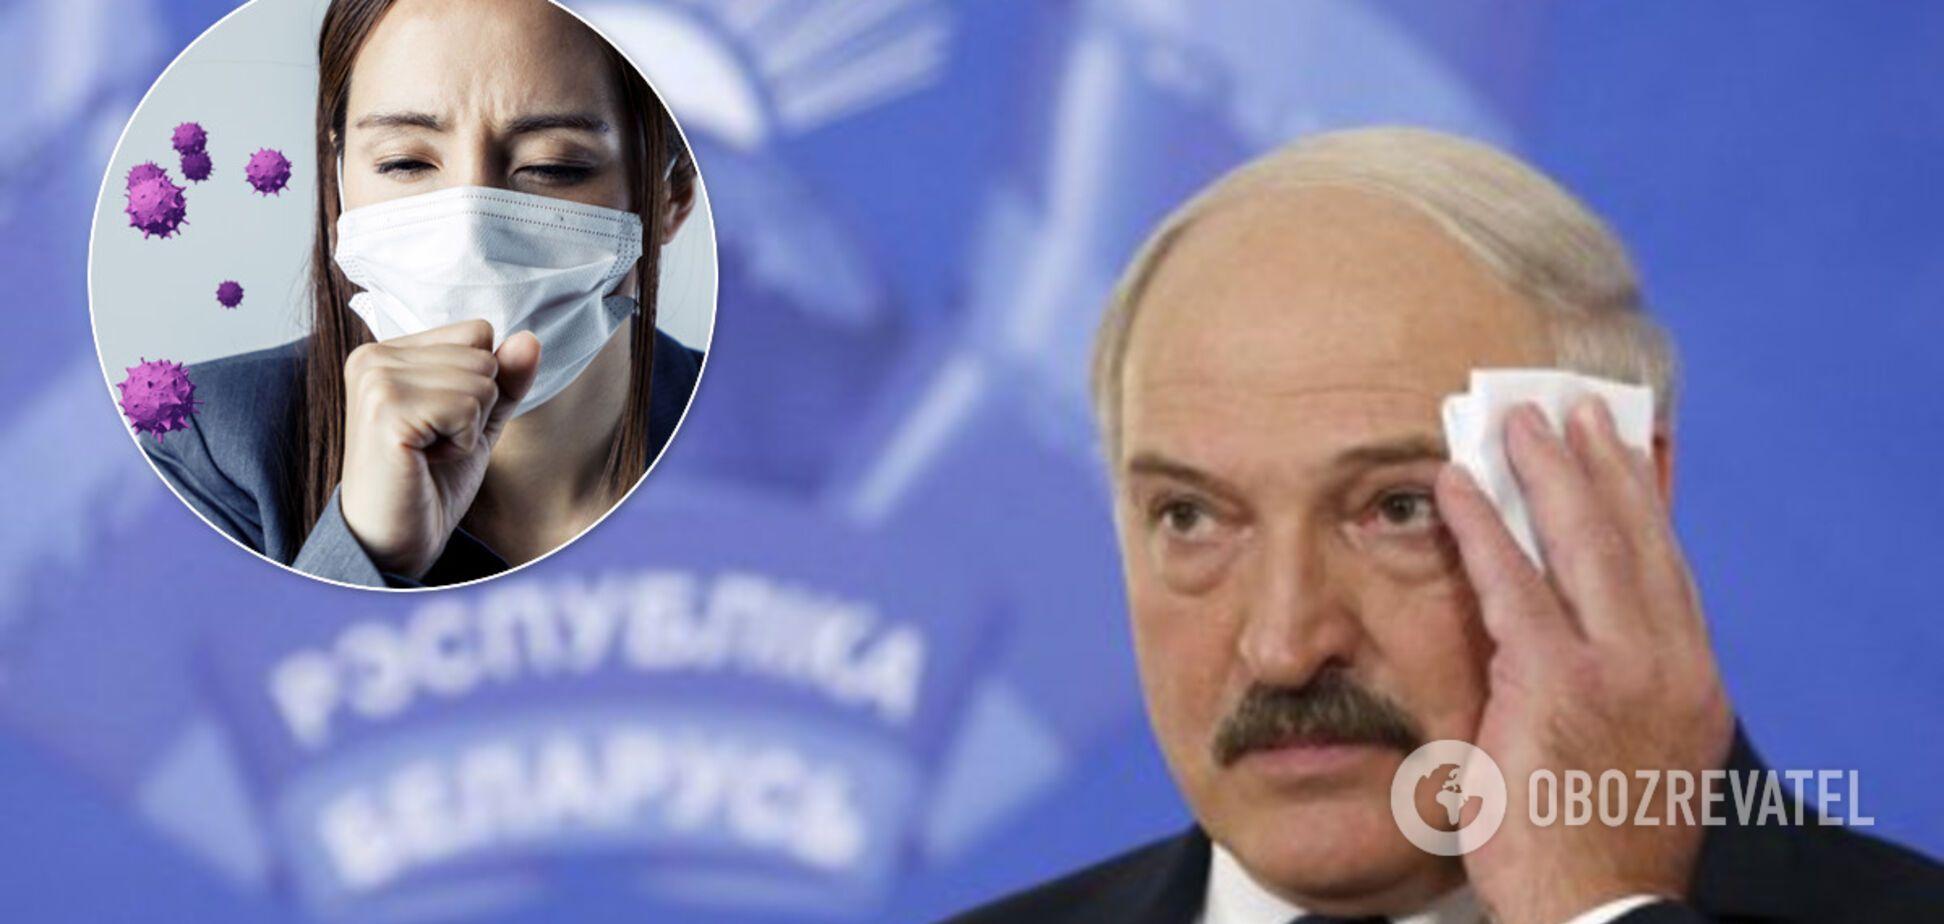 В Беларуси растет количество зараженных, Лукашенко не реагирует